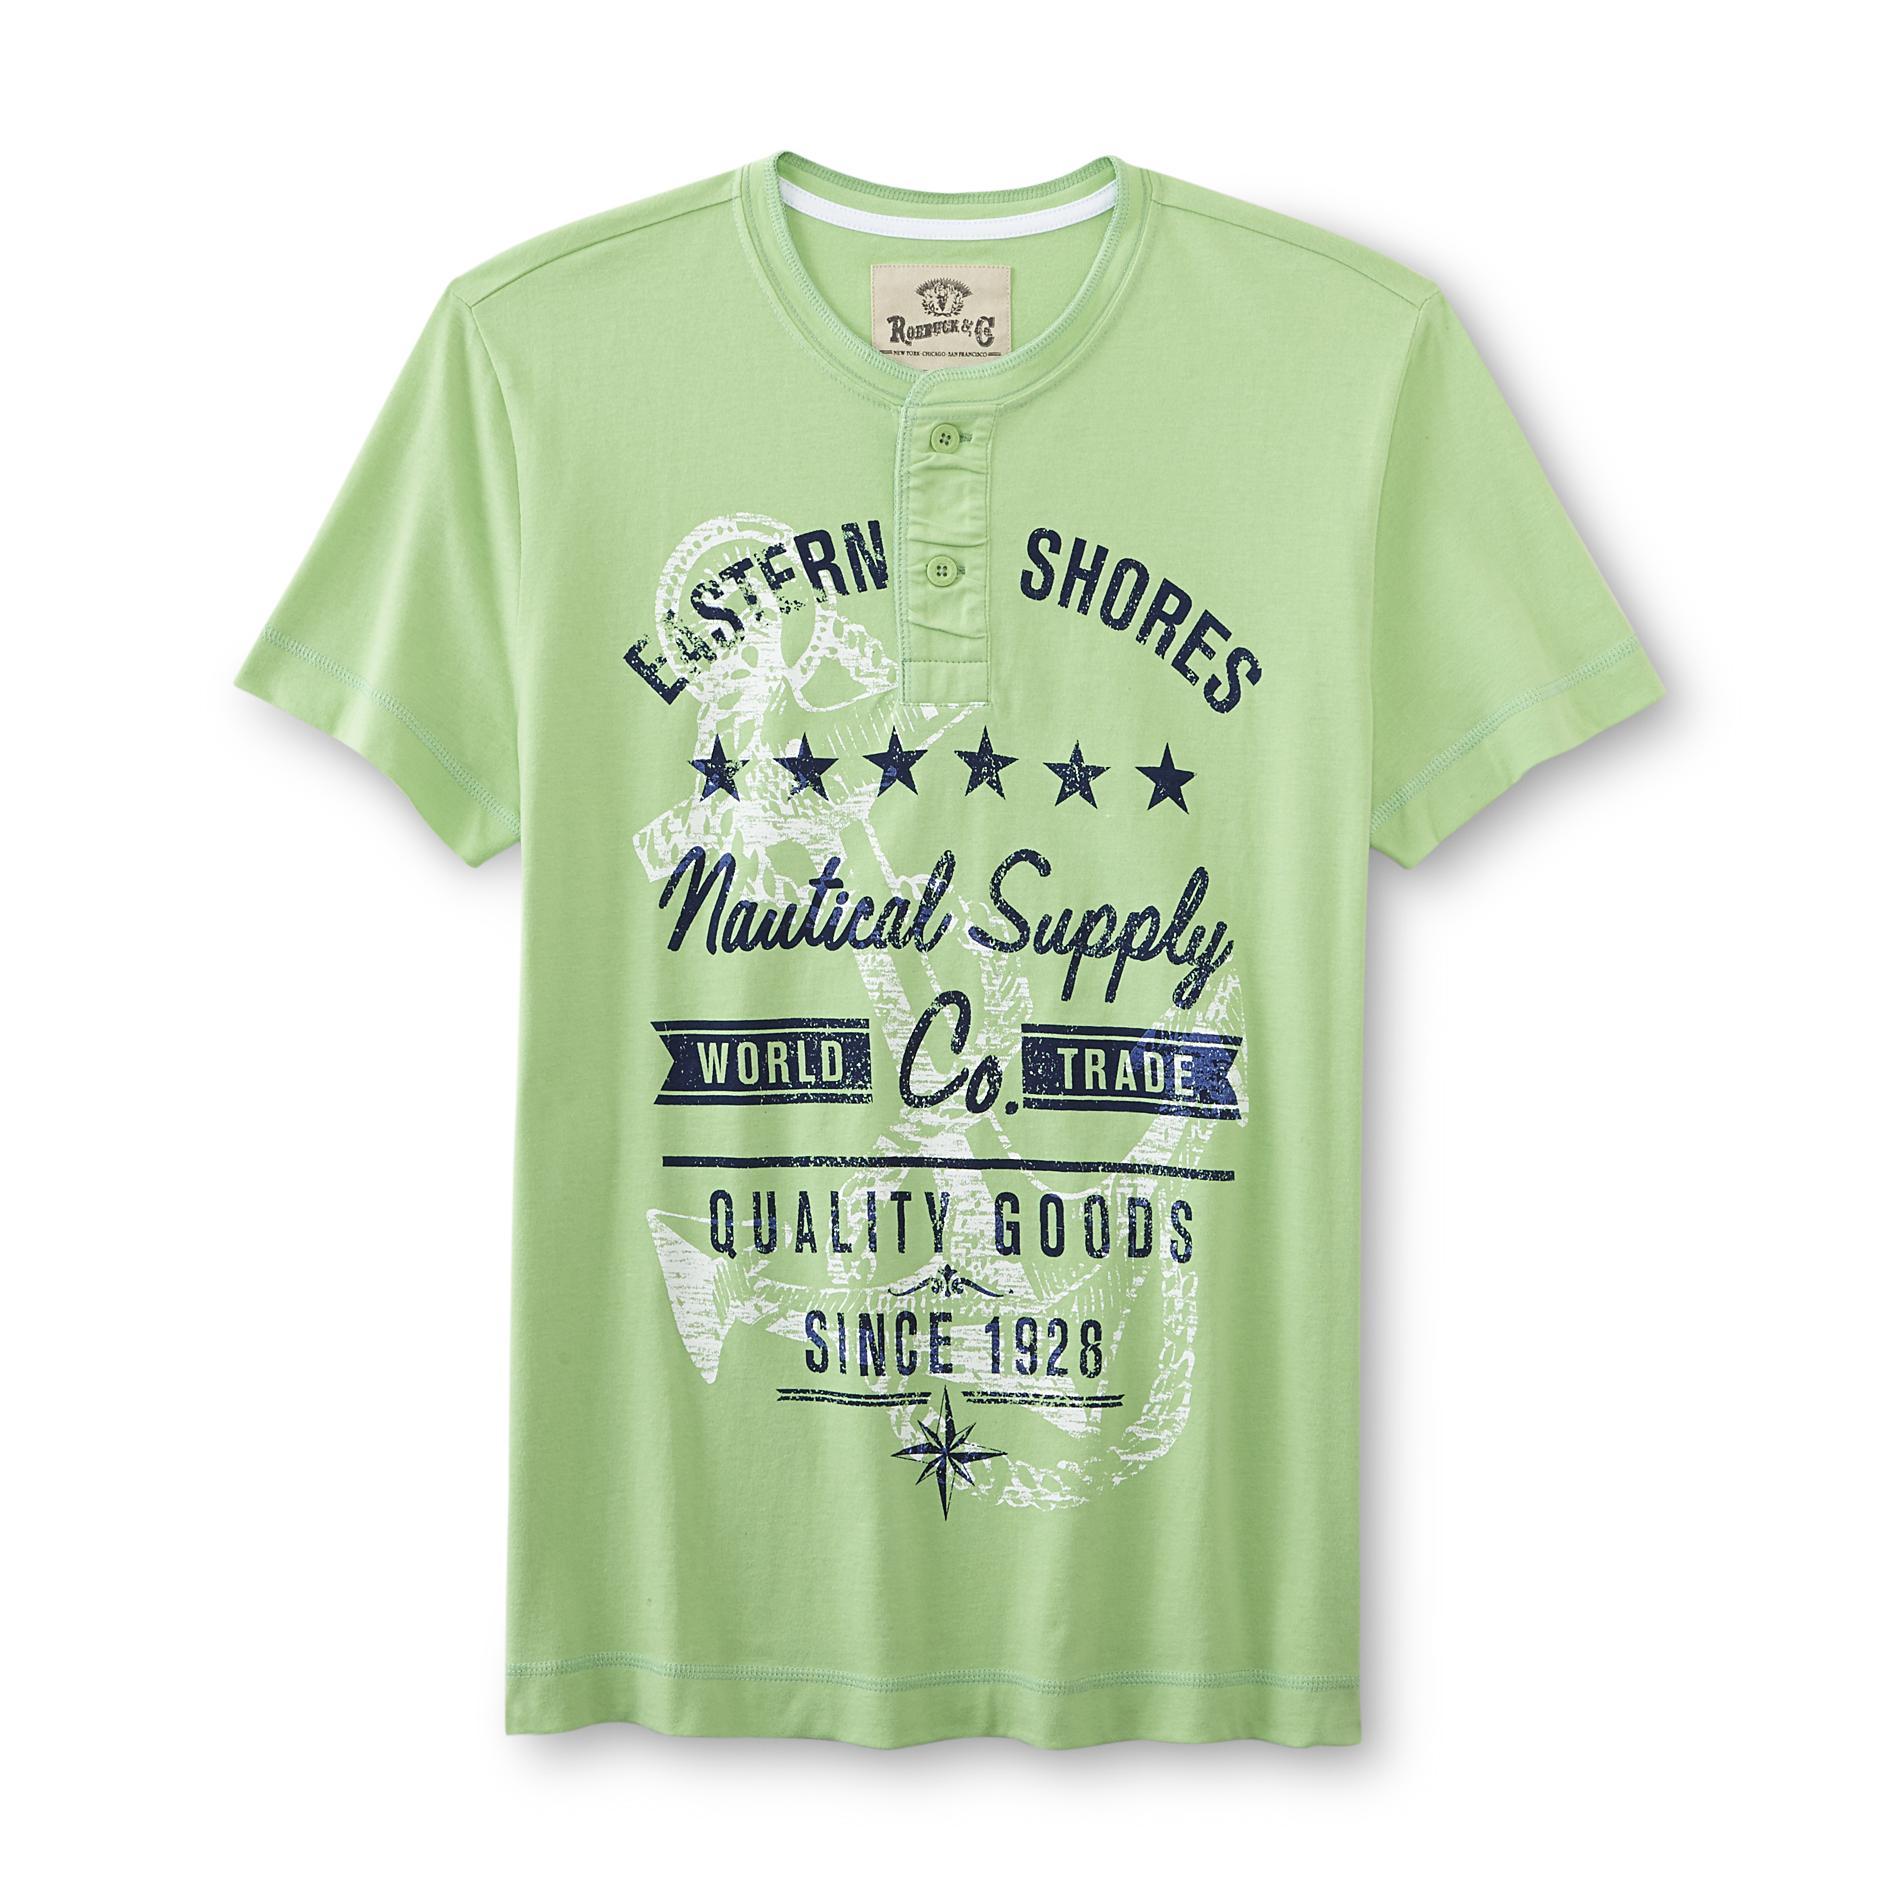 Roebuck & Co. Young Men's Graphic Henley Shirt - Nautical